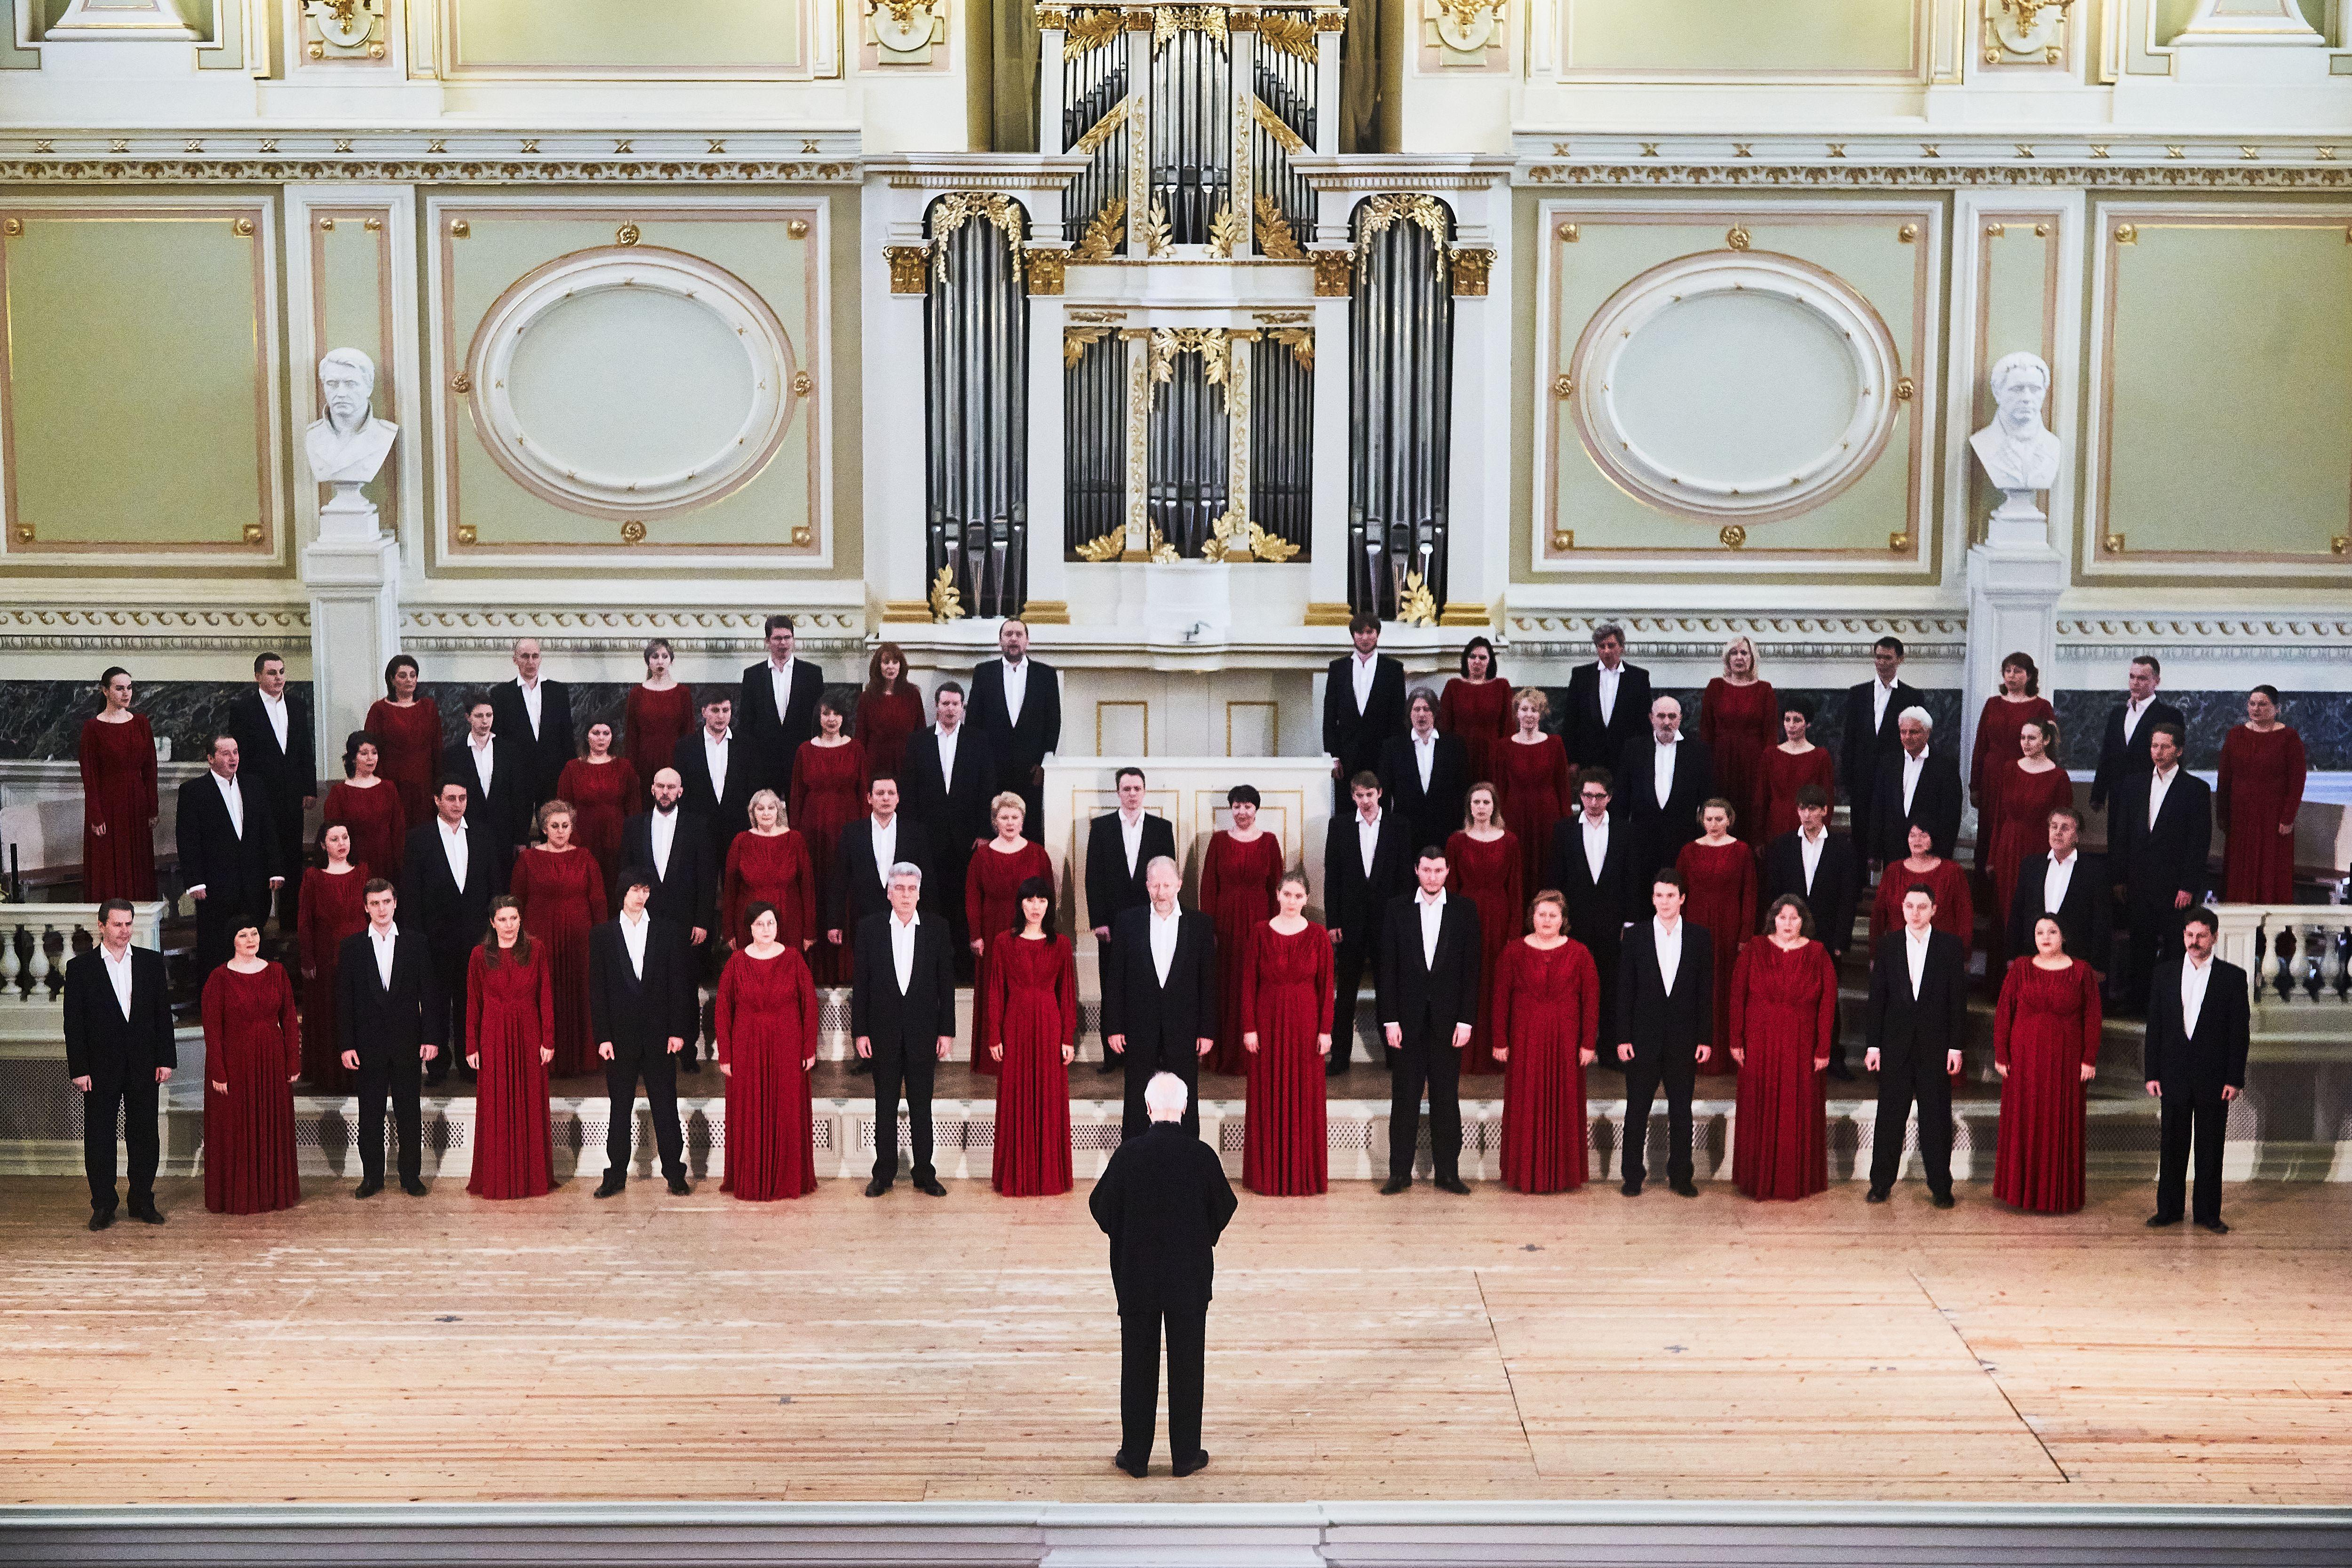 Štátny akademický spevácky zbor Capella, Petrohrad